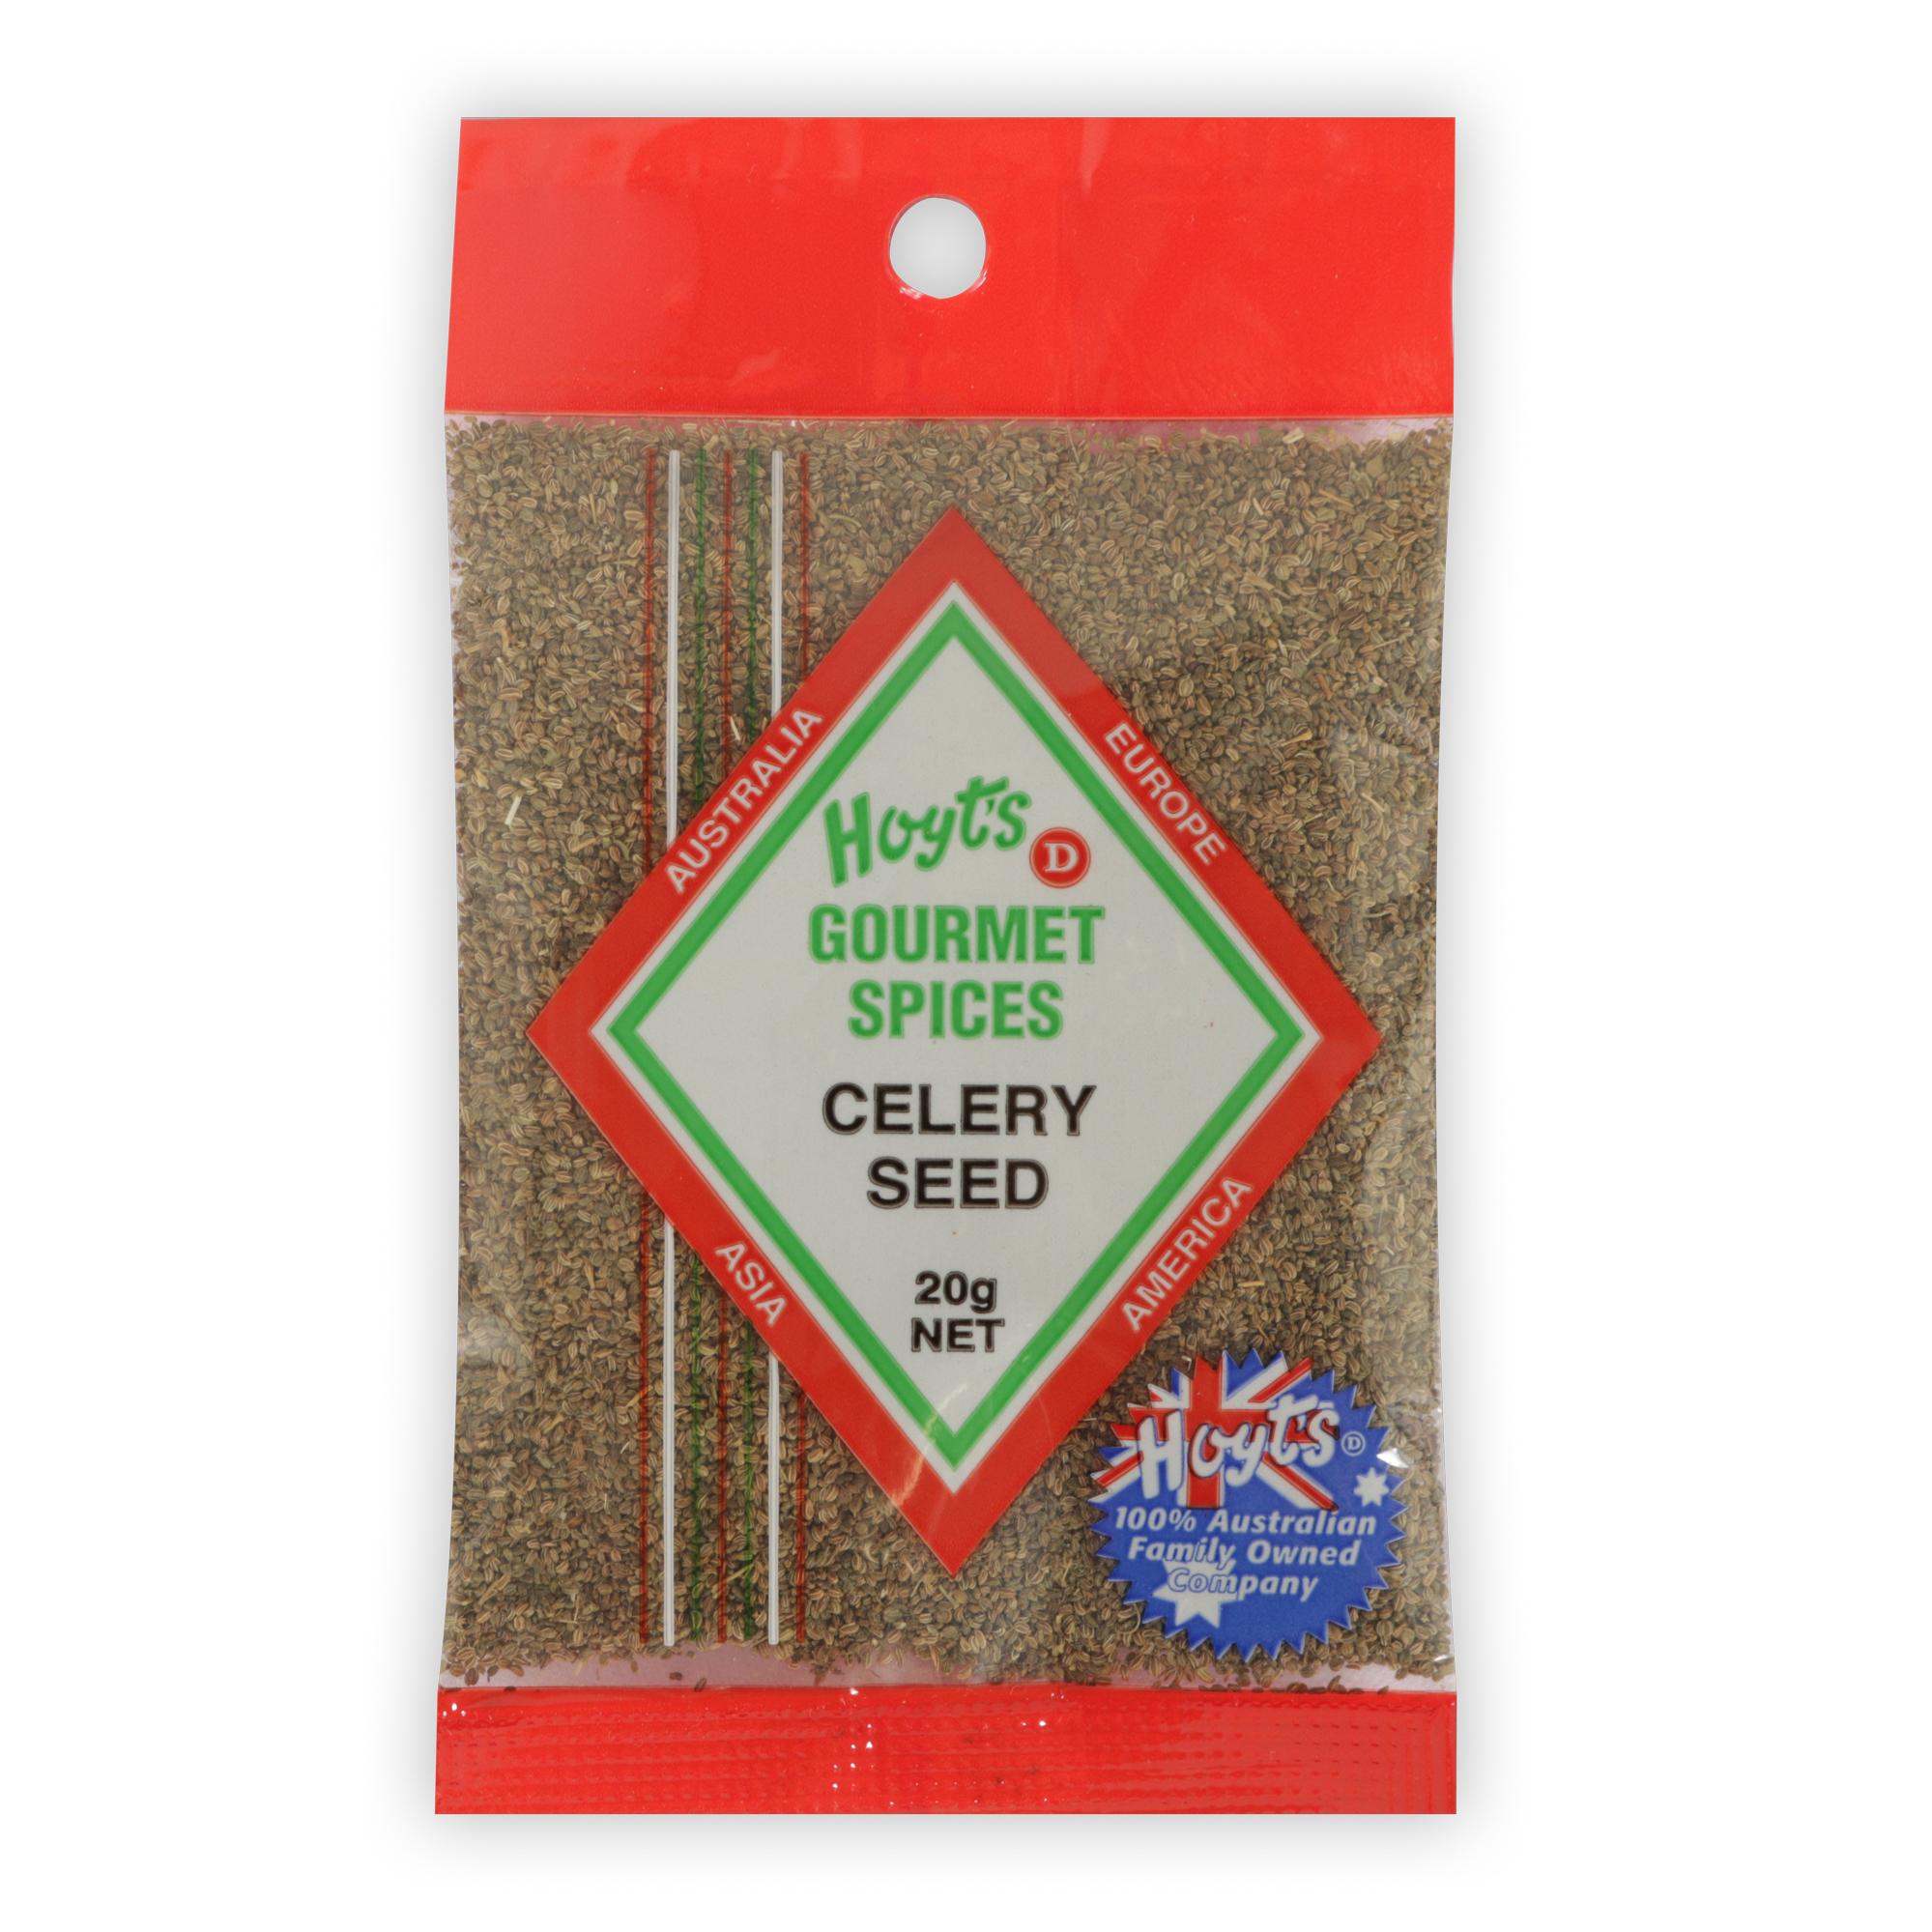 Gourmet Celery Seed 20g - 9300725010638 1